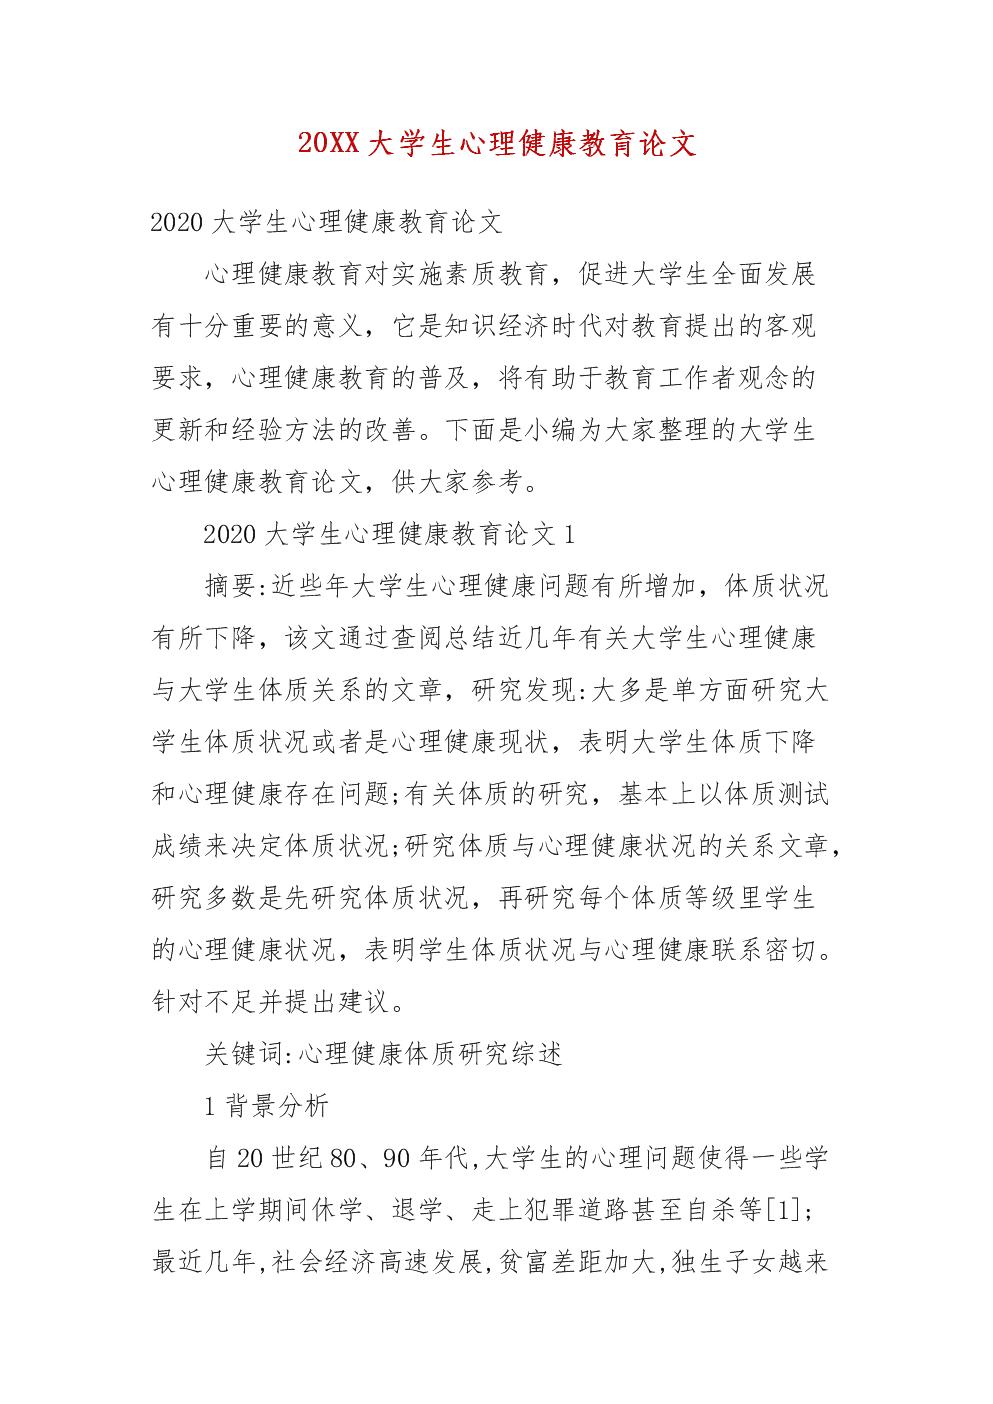 精编202X大学生心理健康教育论文(一).docx